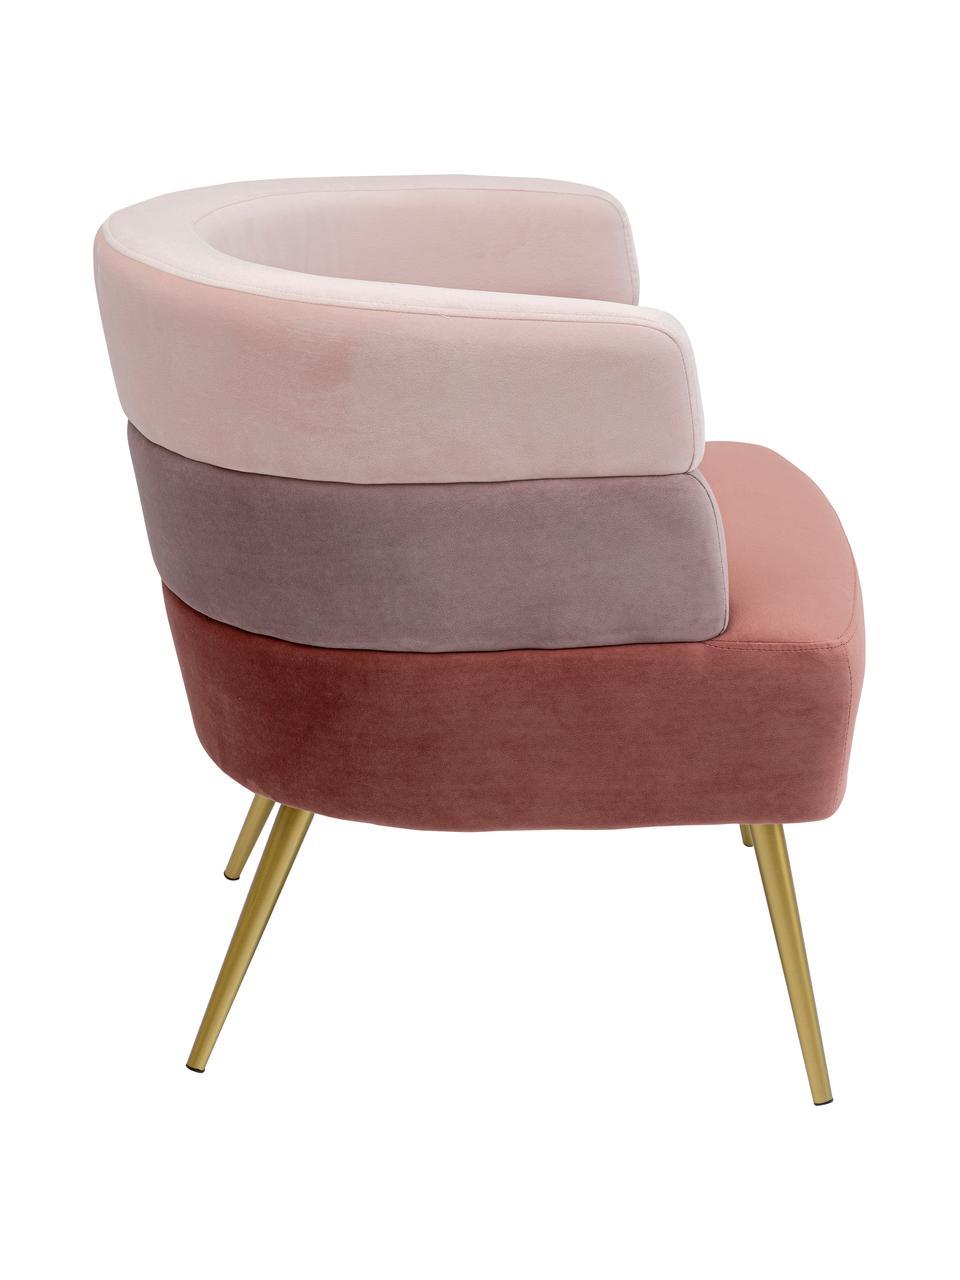 Poltrona in velluto in design retrò  Sandwich, Rivestimento: velluto di poliestere, Gambe: metallo rivestito, Velluto rosa, Larg. 65 x Prof. 64 cm